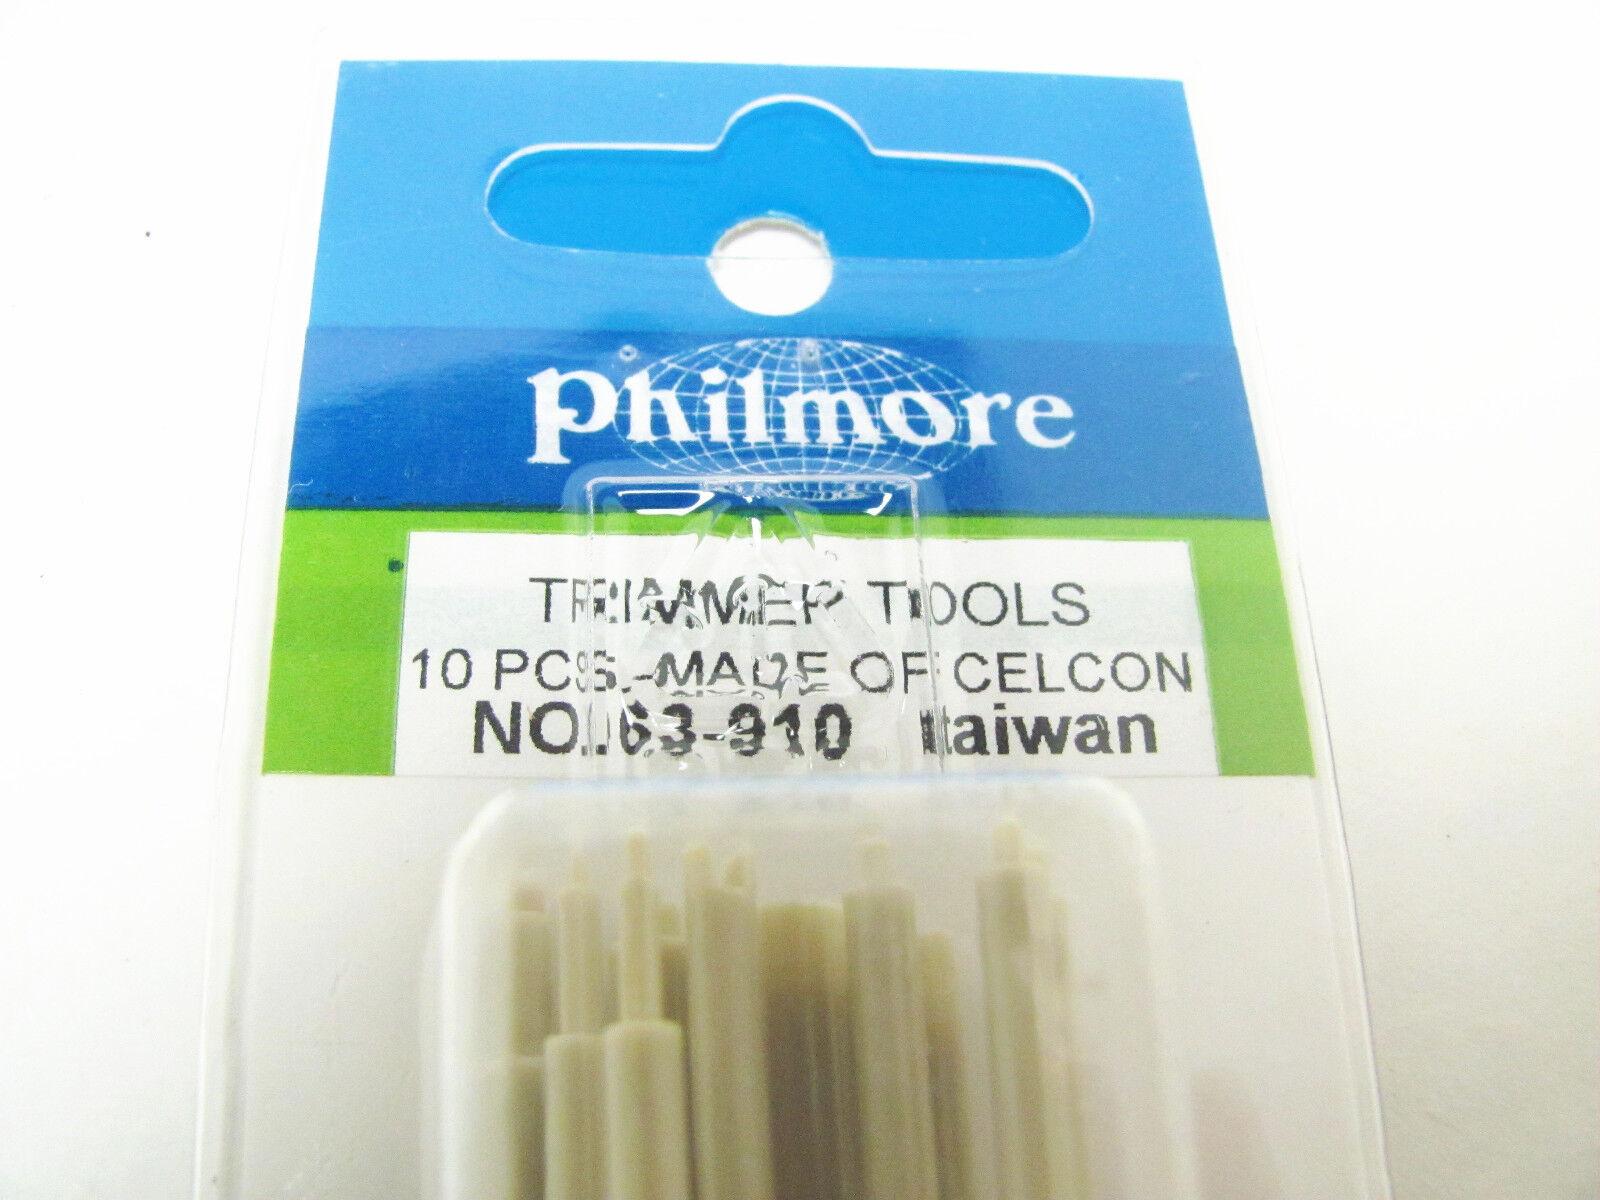 10 Piece Radio & TV Anti-Static Trimmer Alignment Tool Set - Philmore 63-910